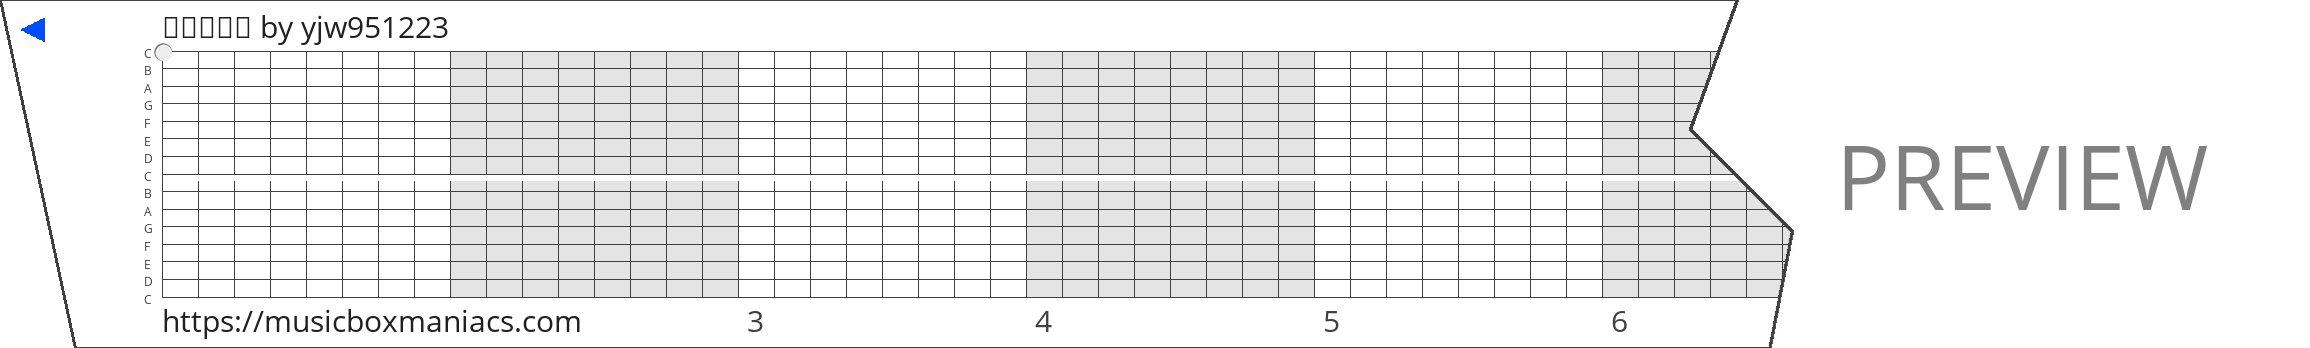 오르골악보 15 note music box paper strip